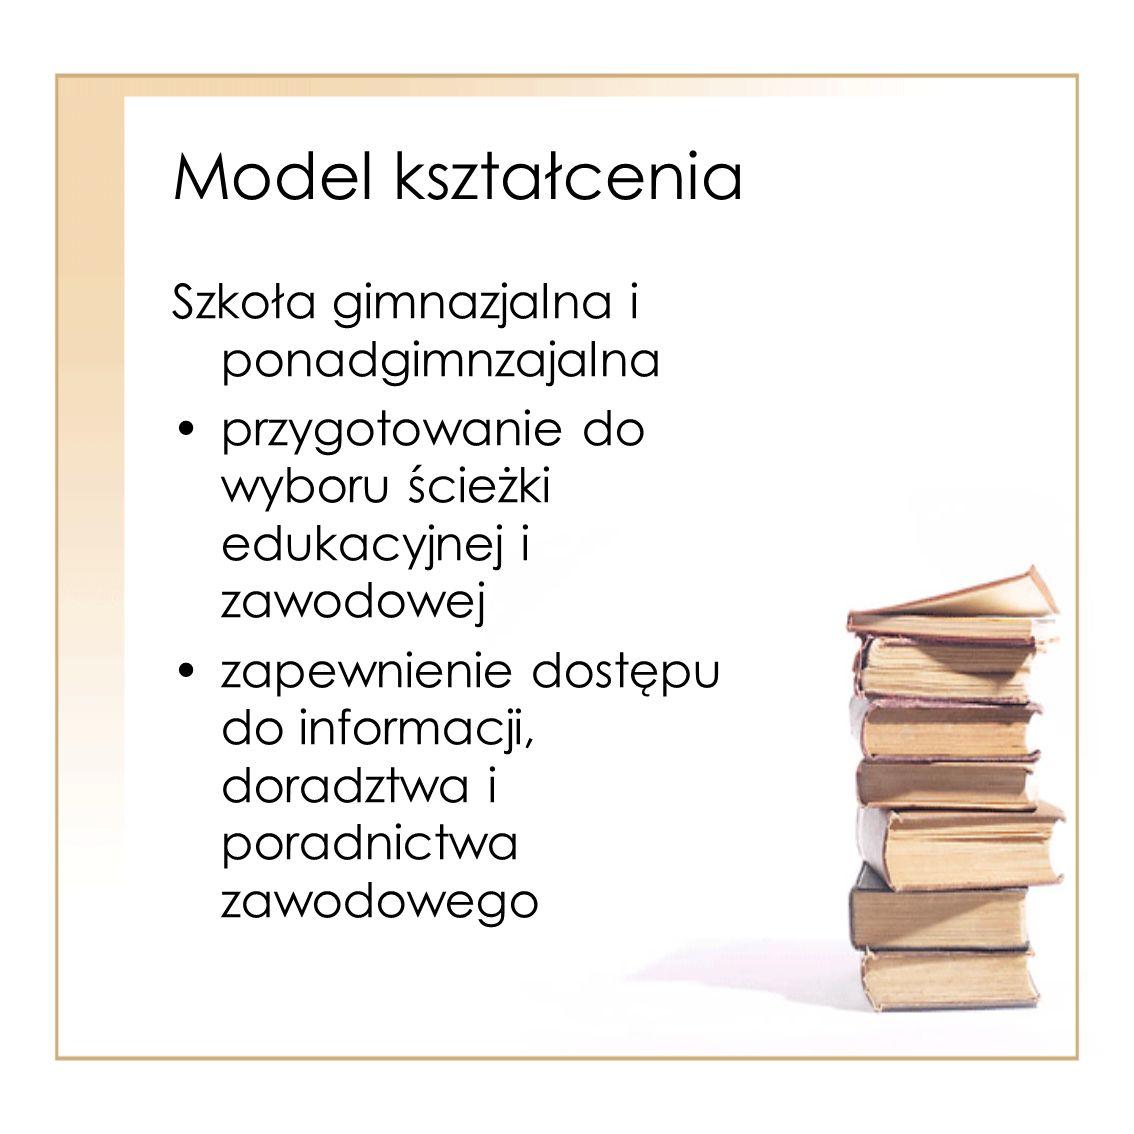 Publiczne poradnie psychologiczno-pedagogiczne udzielają pomocy psychologiczno- pedagogicznej związanej z wychowywaniem i kształceniem oraz pomocy w wyborze kierunku kształcenia i zawodu: dzieciom i młodzieży; rodzicom; nauczycielom.